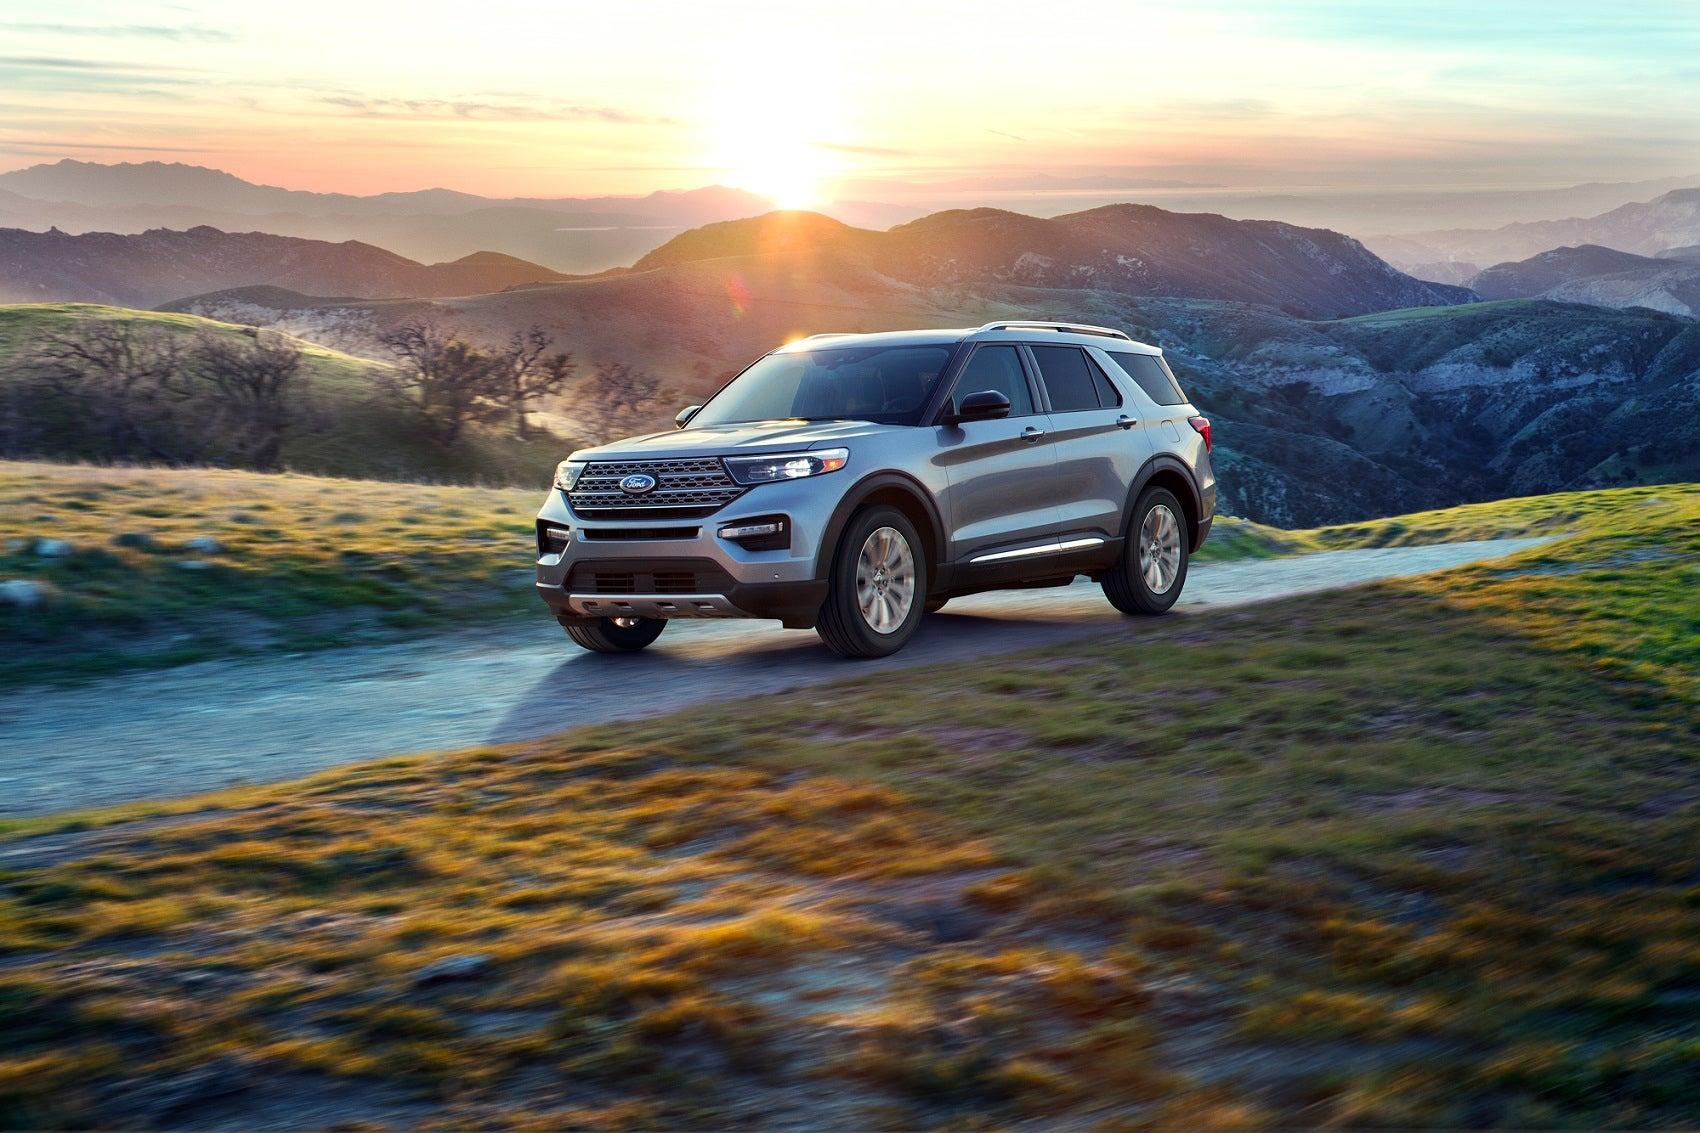 2020 ford explorer hybrid chesapeake va | cavalier ford